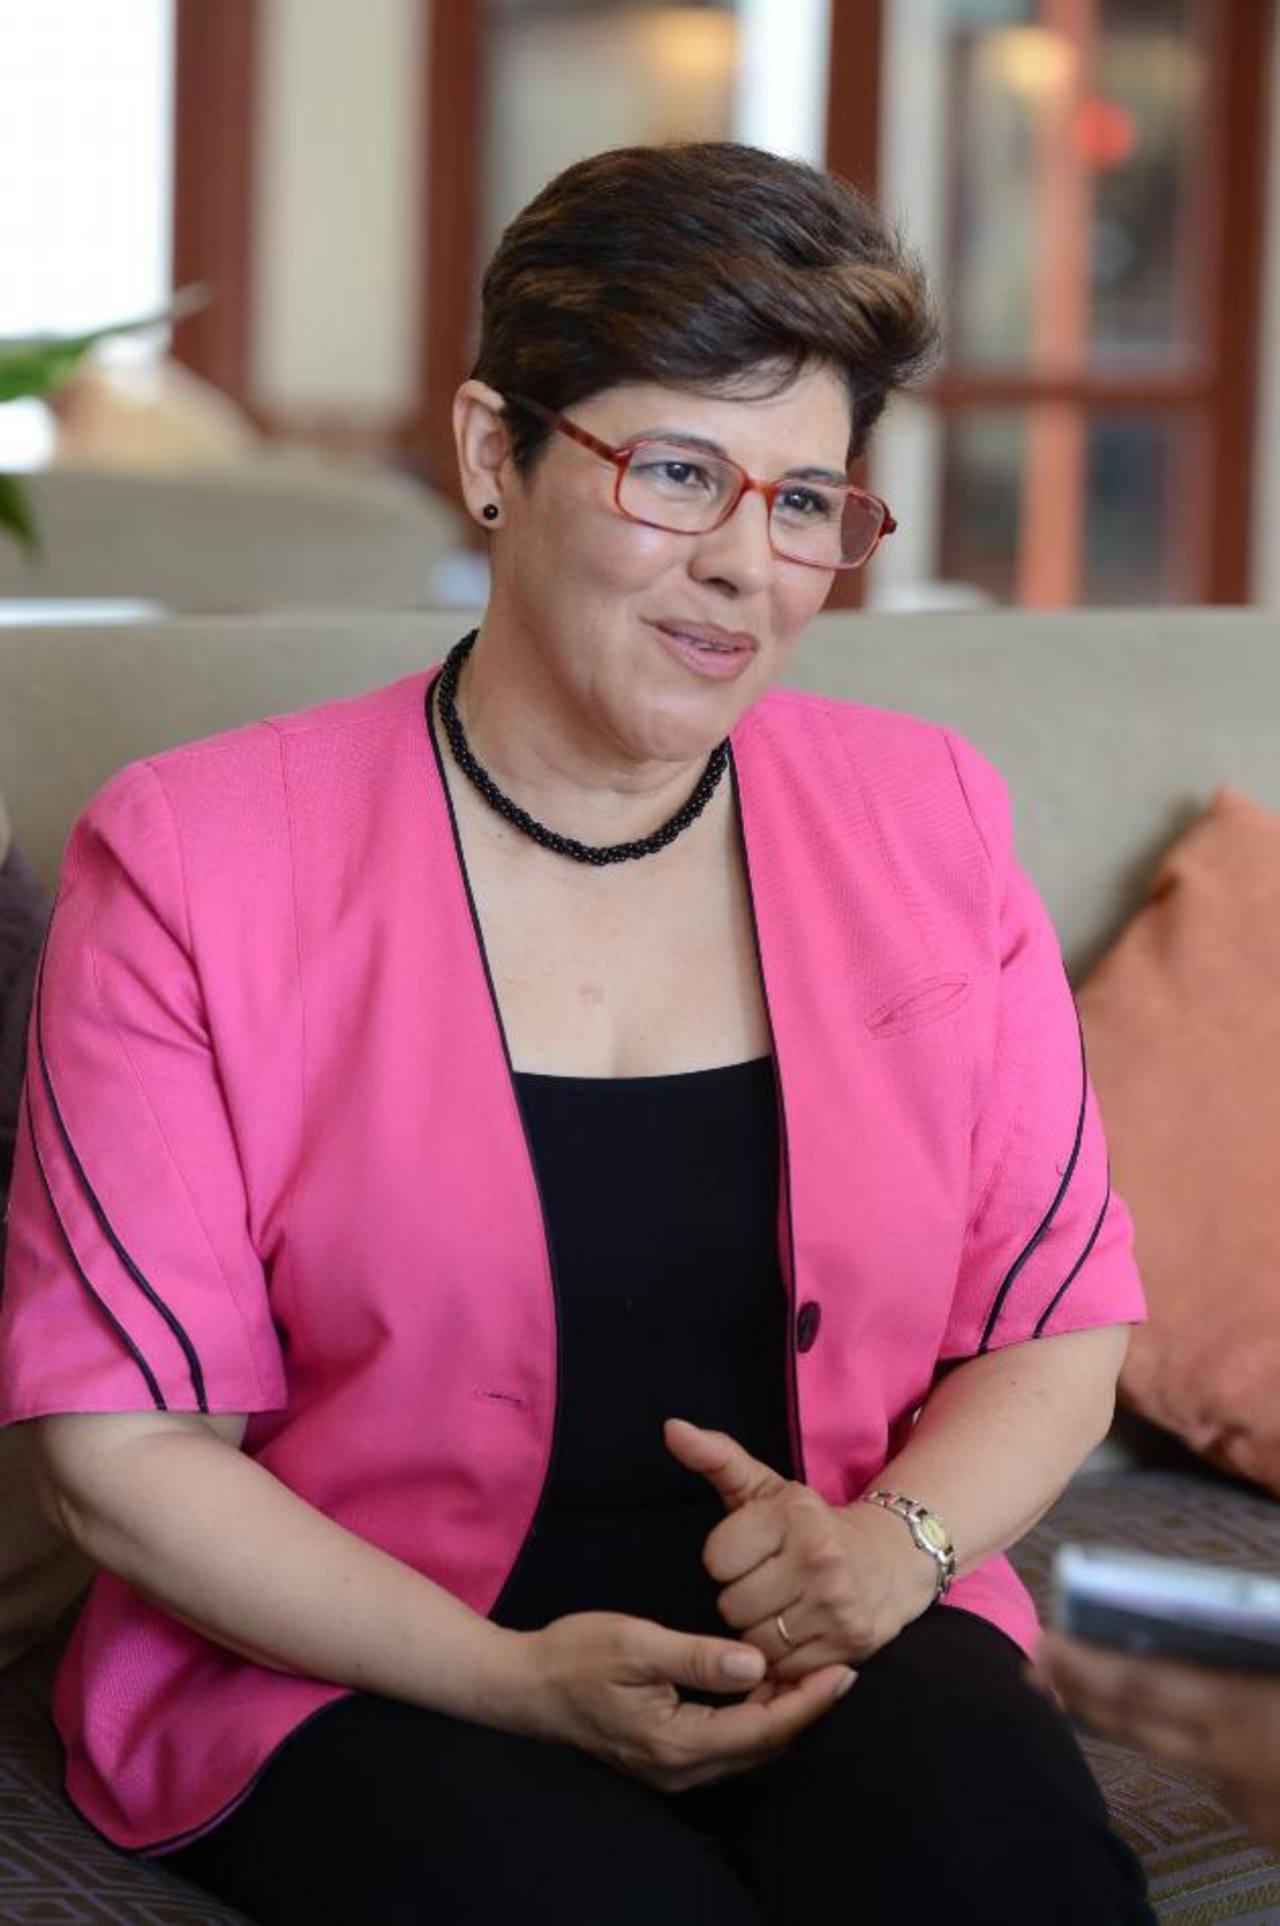 Por su trabajo y su contribución al desarrollo económico y social del país, Mirna Liévano de Marques será acreedora al reconocimiento de Fusades. foto edh / Mauricio Cáceres